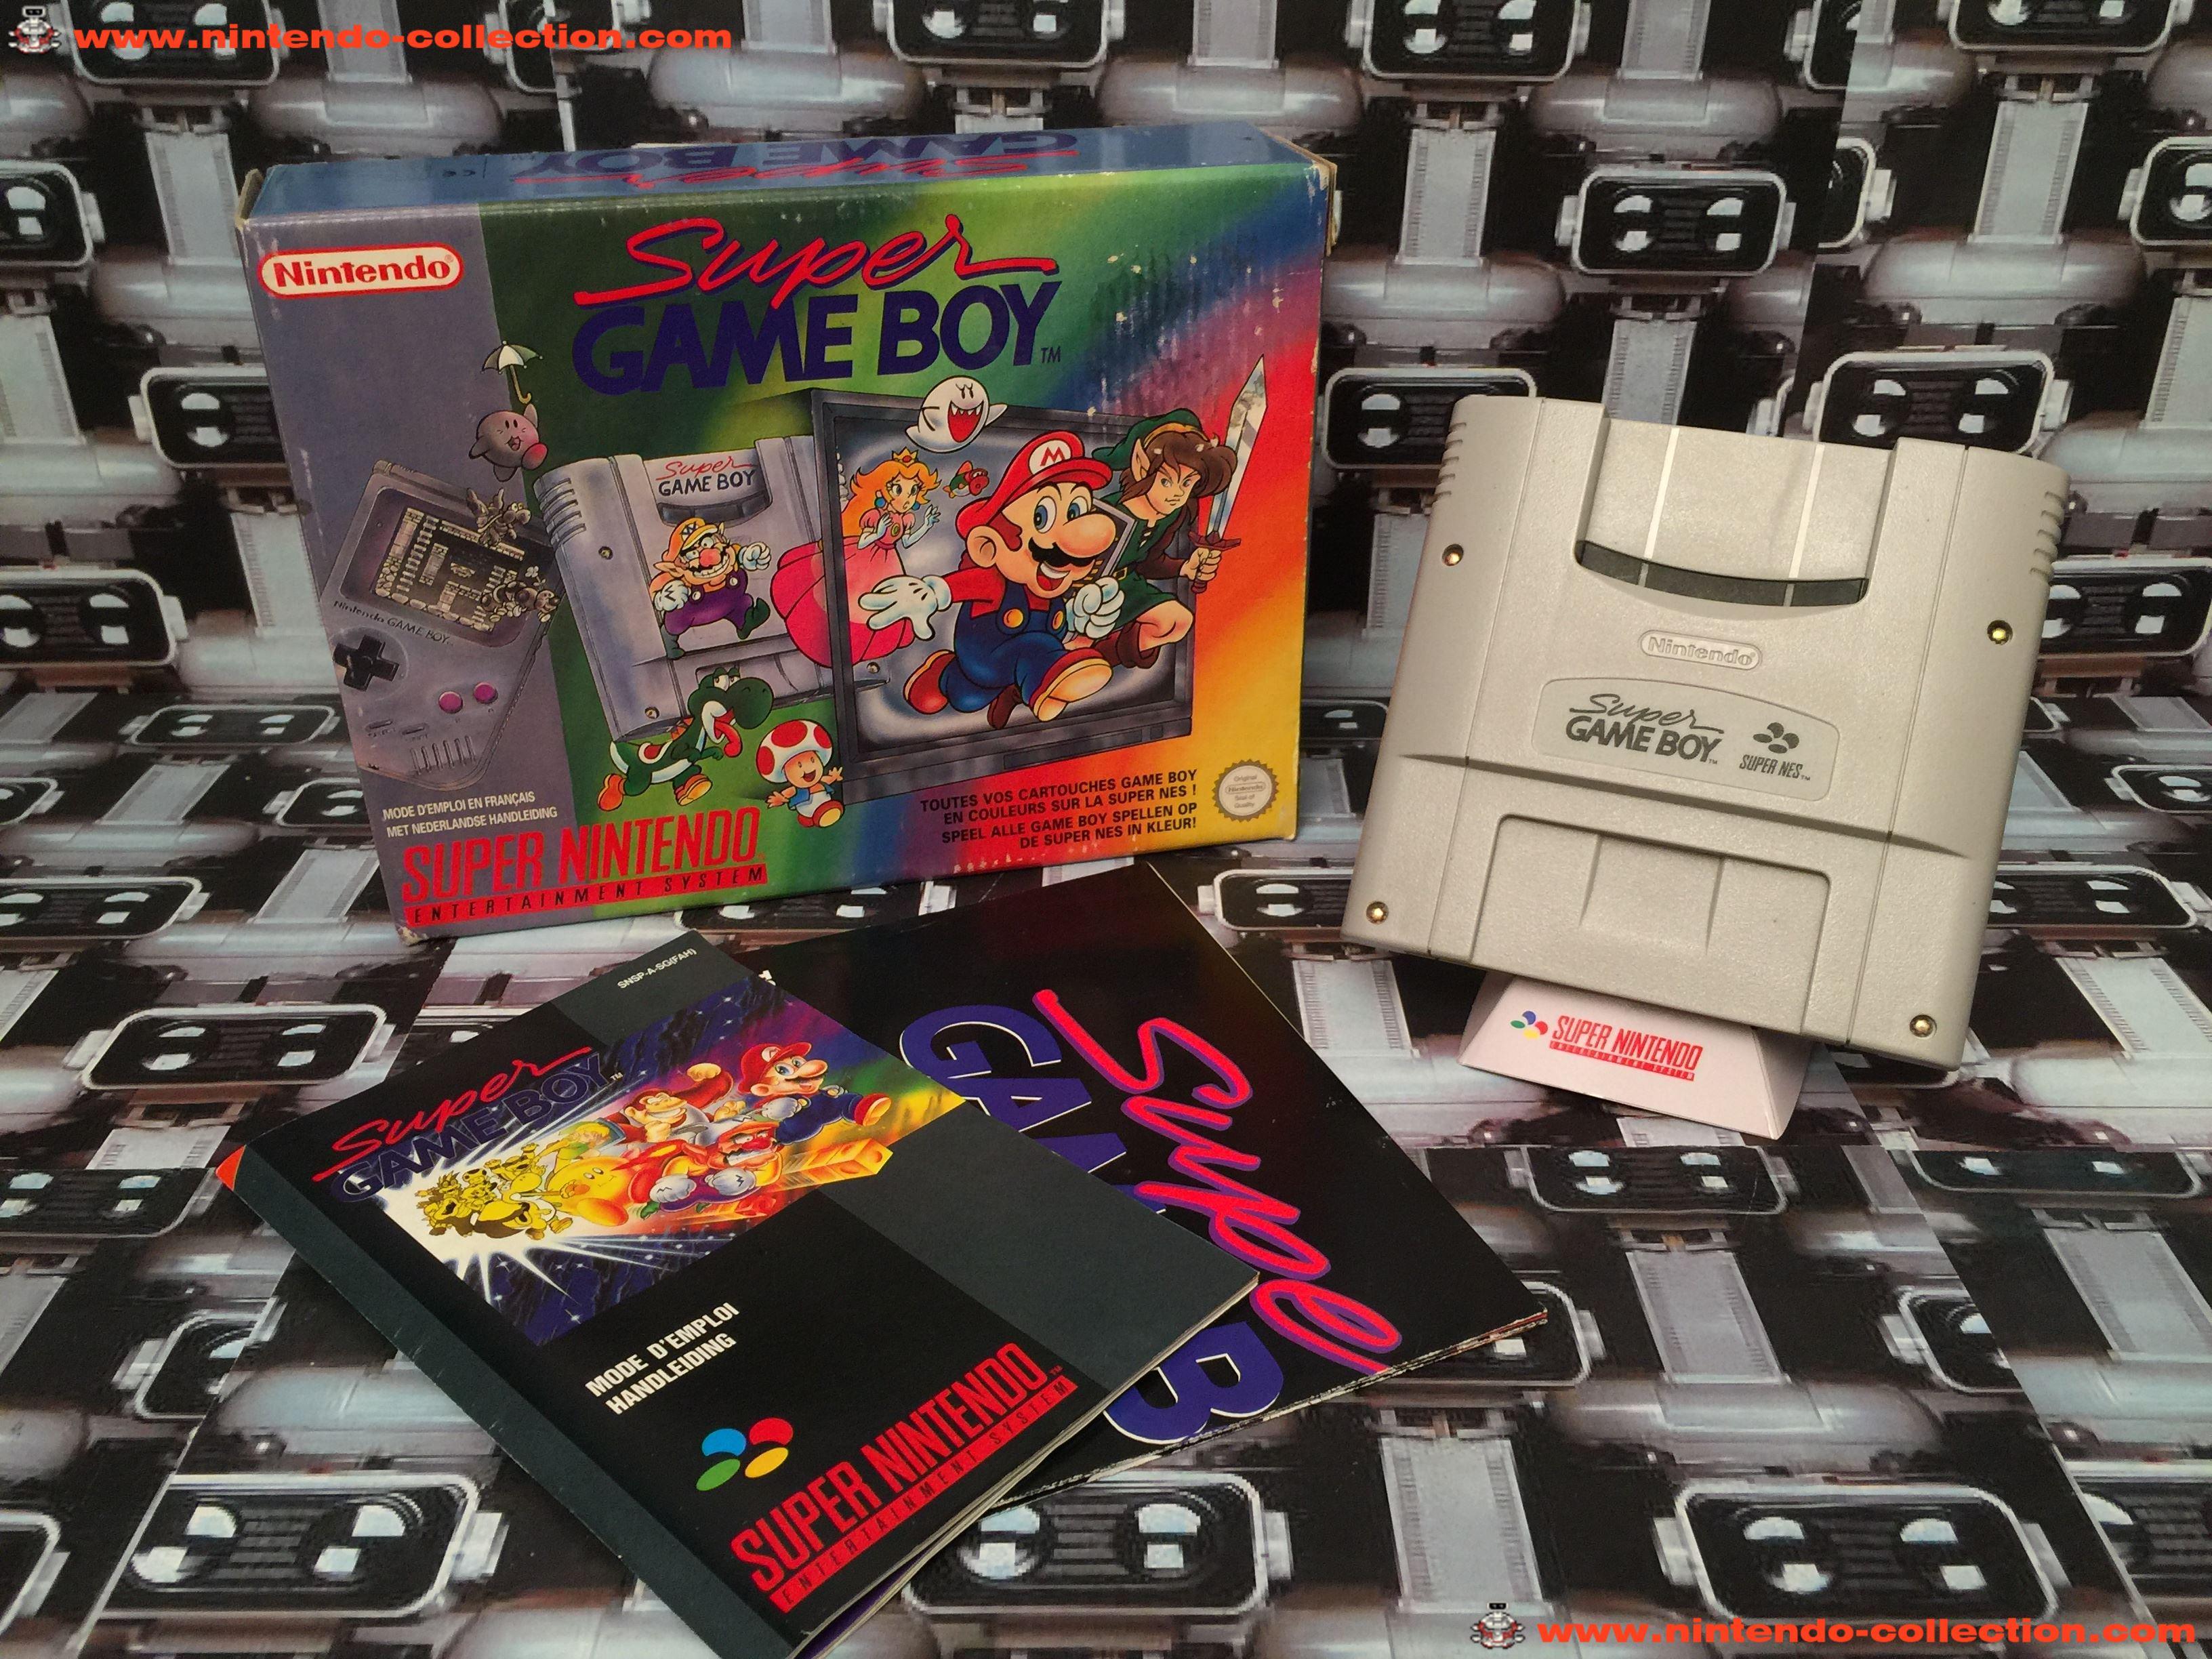 www.nintendo-collection.com - Super Nintendo SNES Super Famicom Super Gameboy